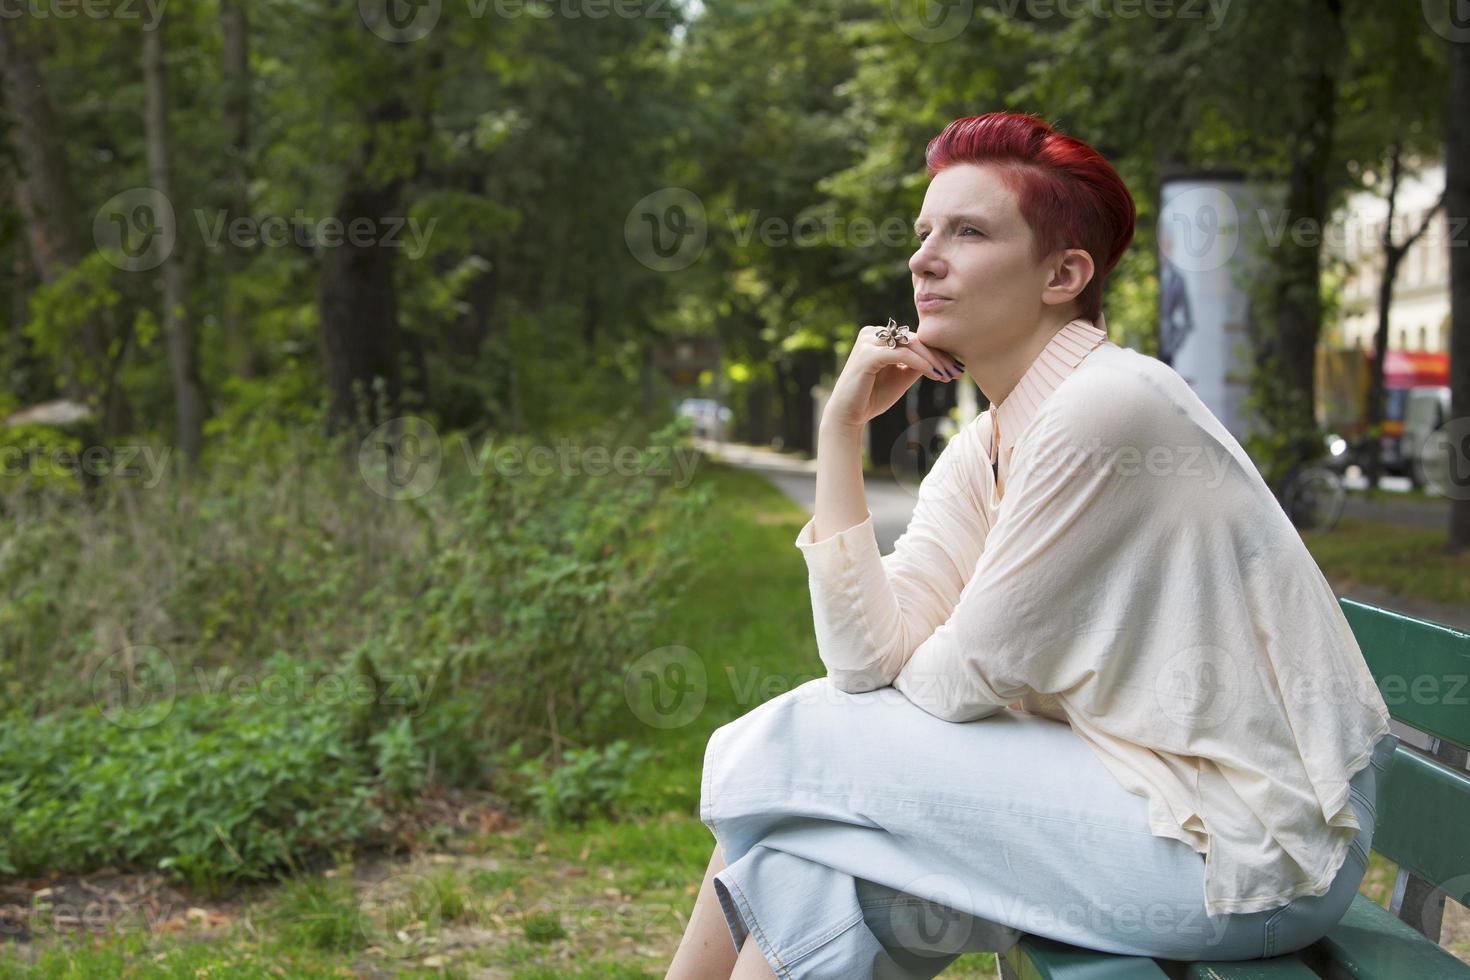 rödhårig sittande på en bänk foto